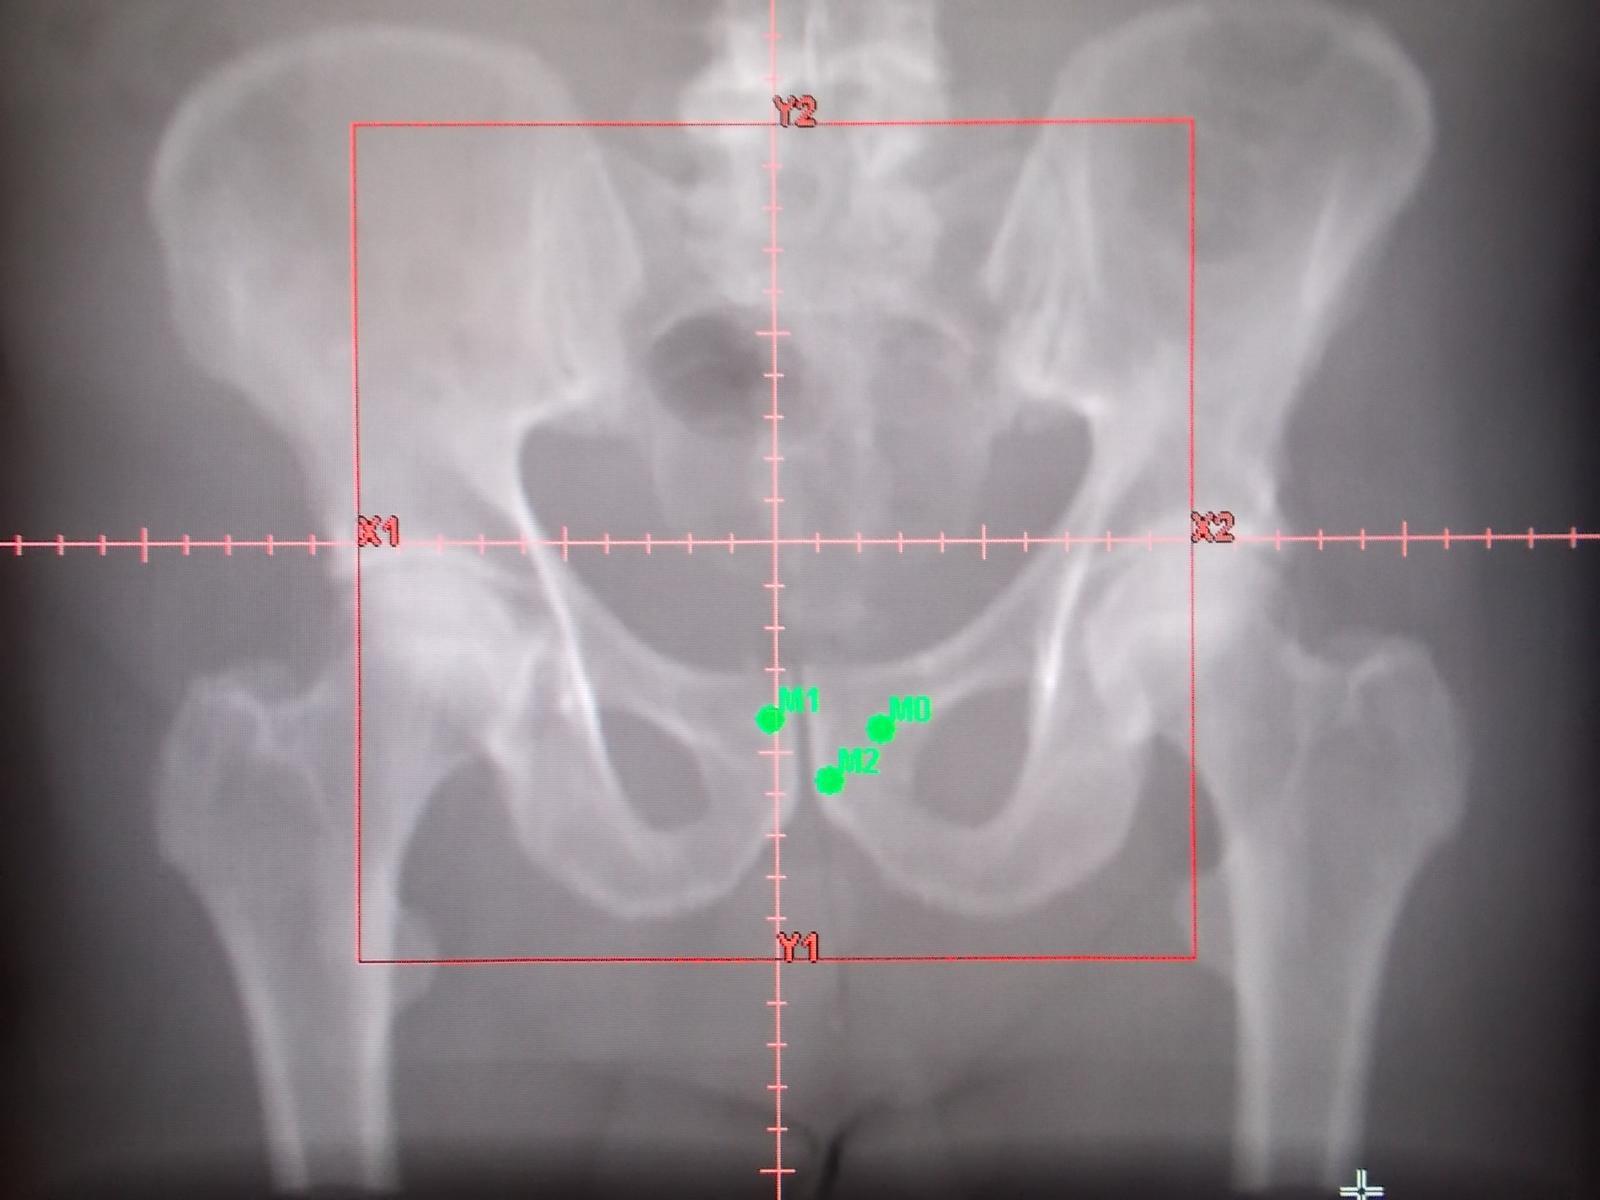 centraggio per radioterapia prostata